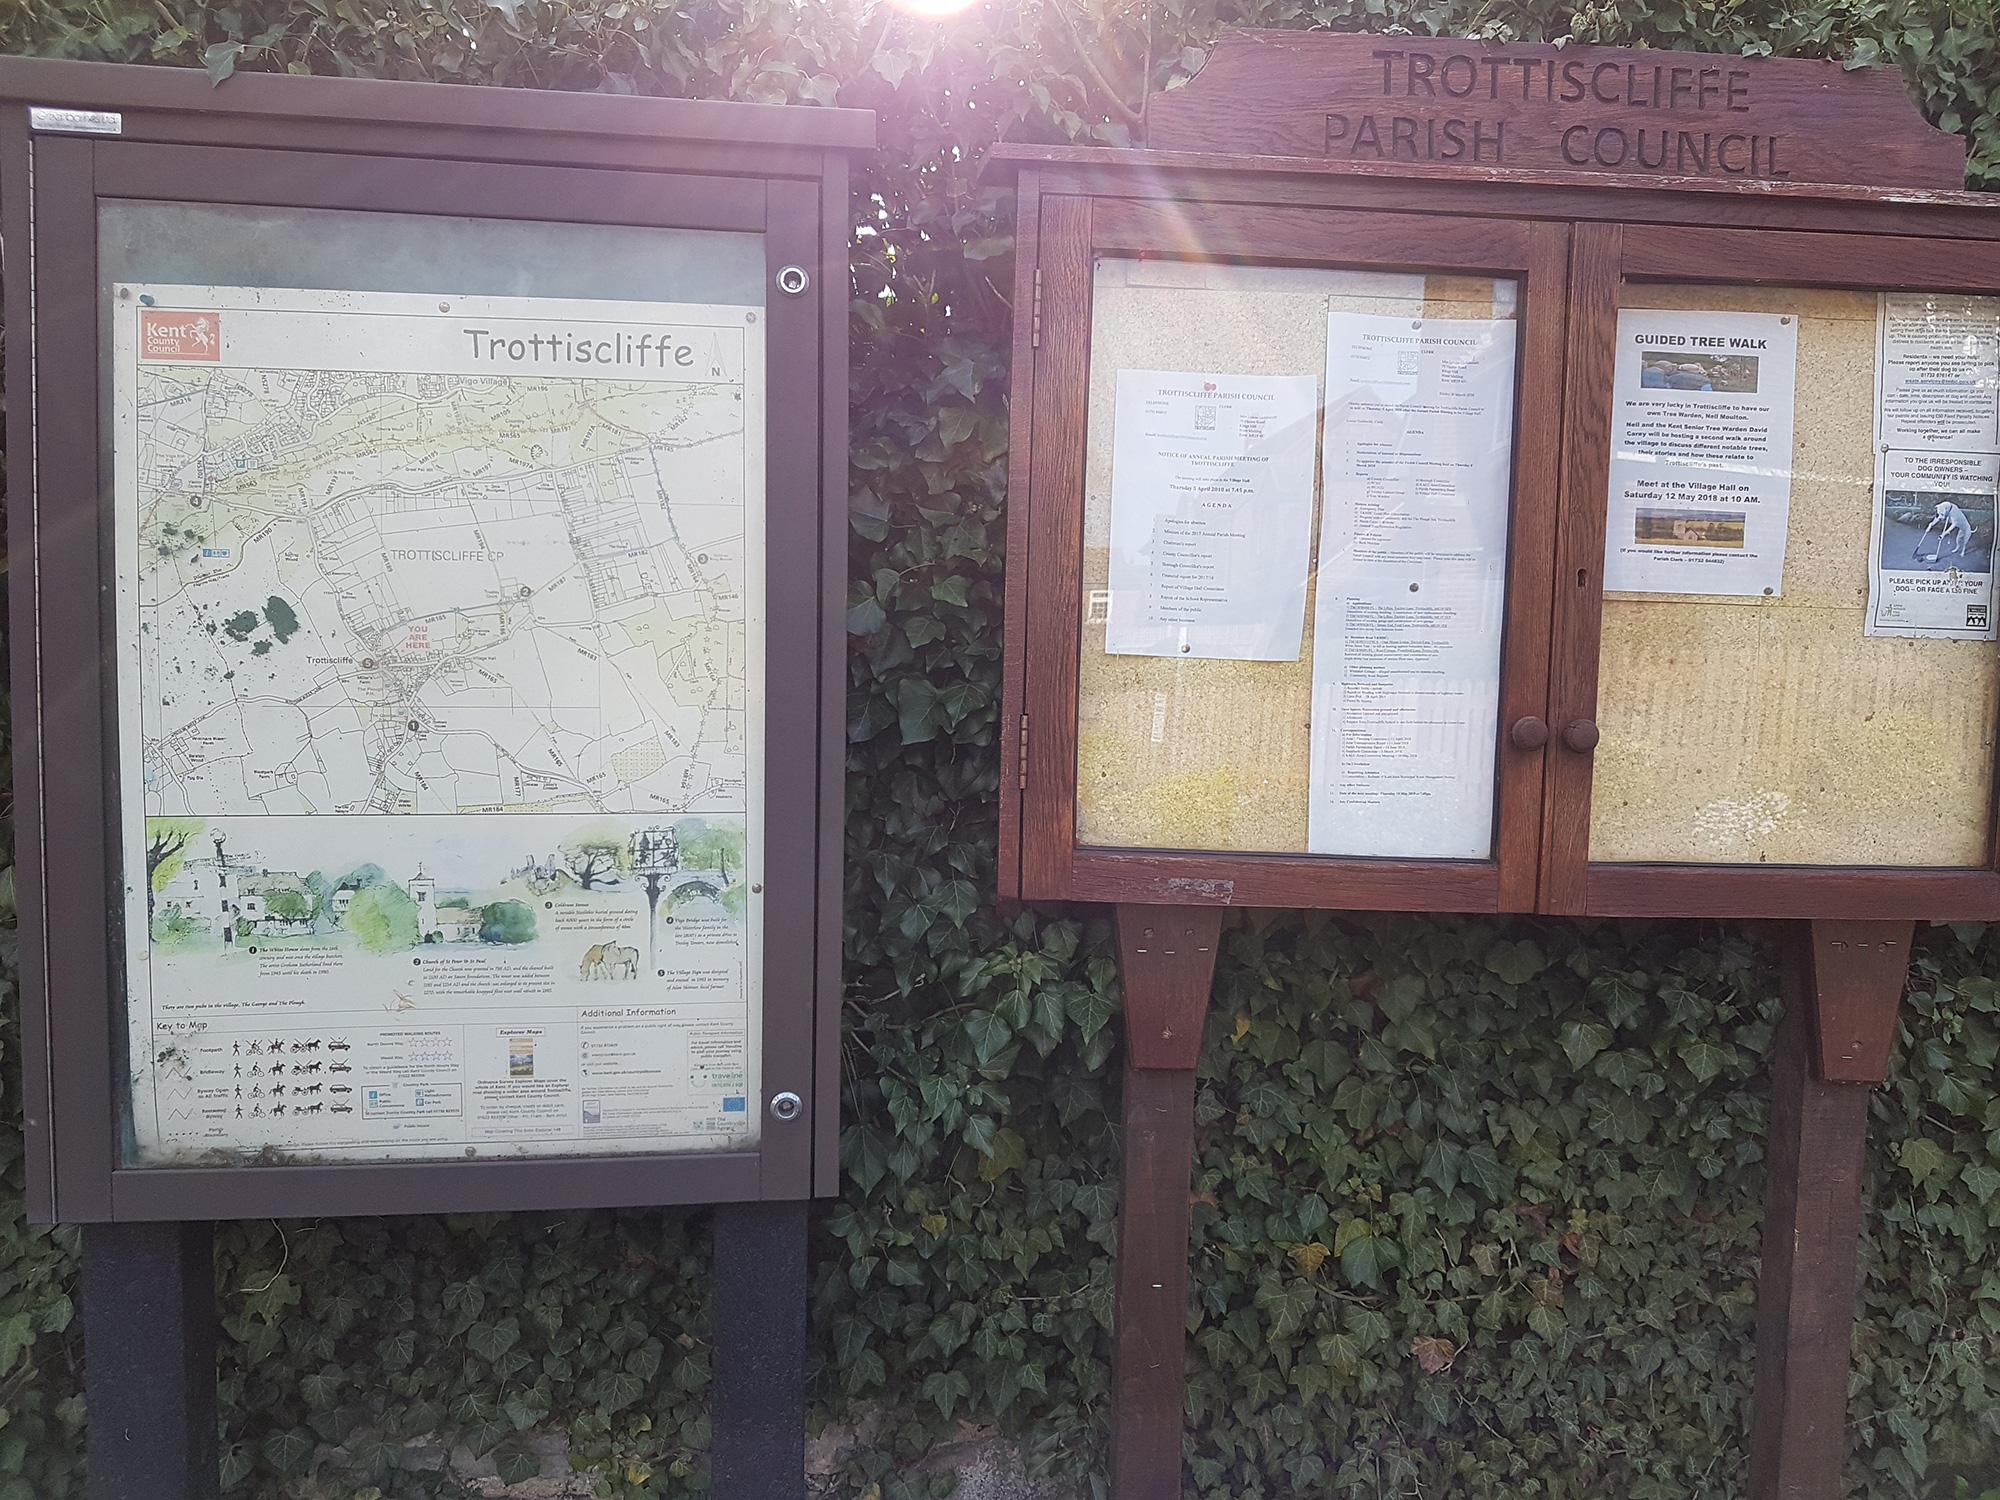 Trottiscliffe Village boards